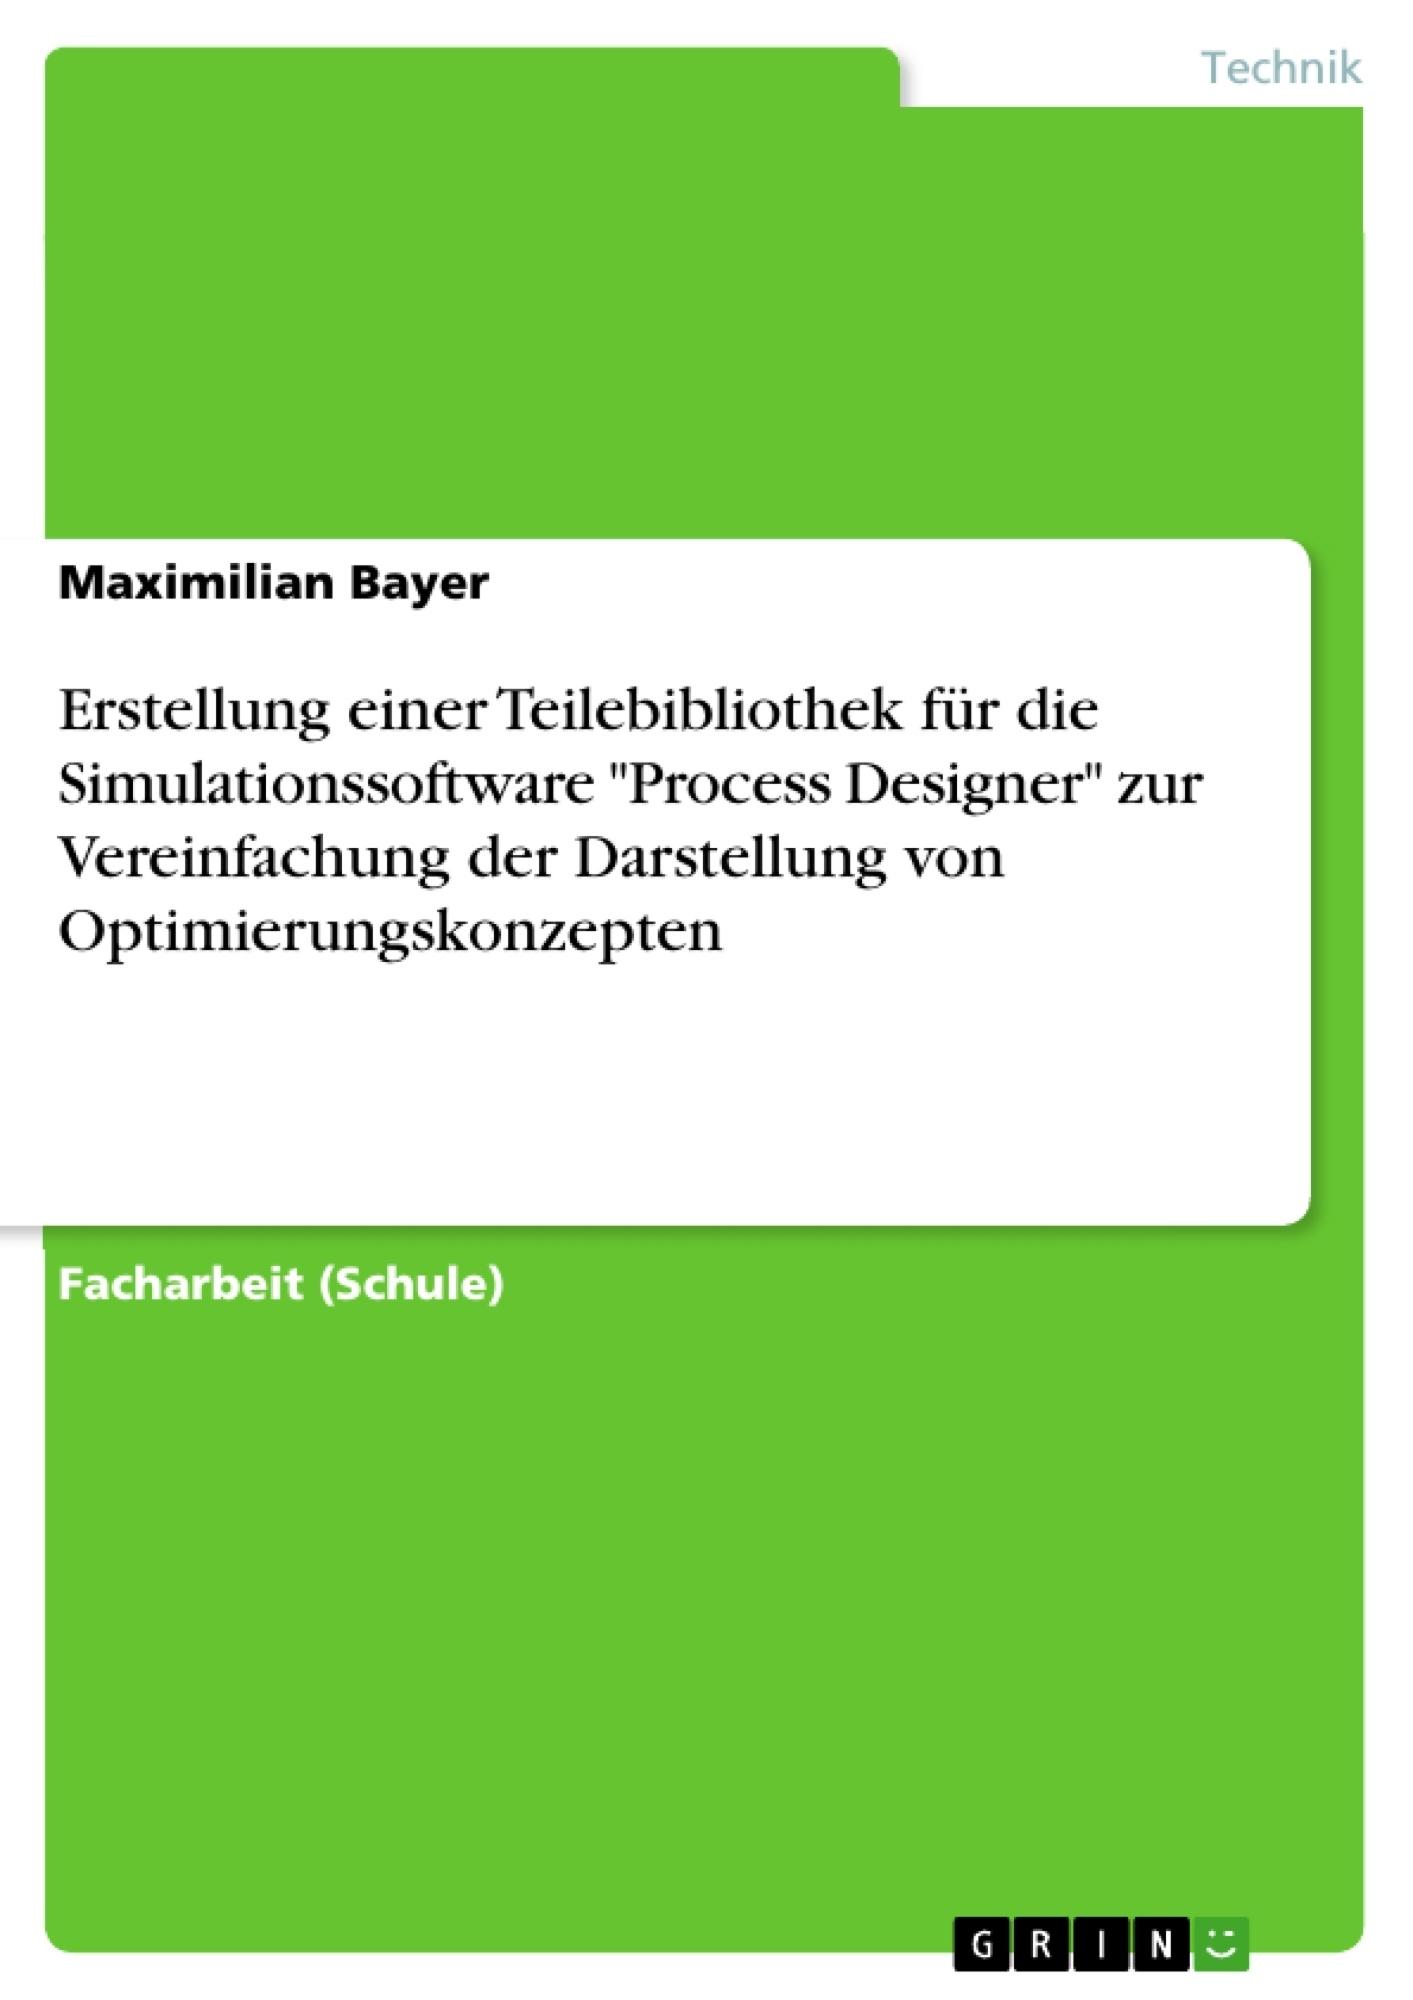 """Titel: Erstellung einer Teilebibliothek für die Simulationssoftware """"Process Designer"""" zur Vereinfachung der Darstellung von Optimierungskonzepten"""